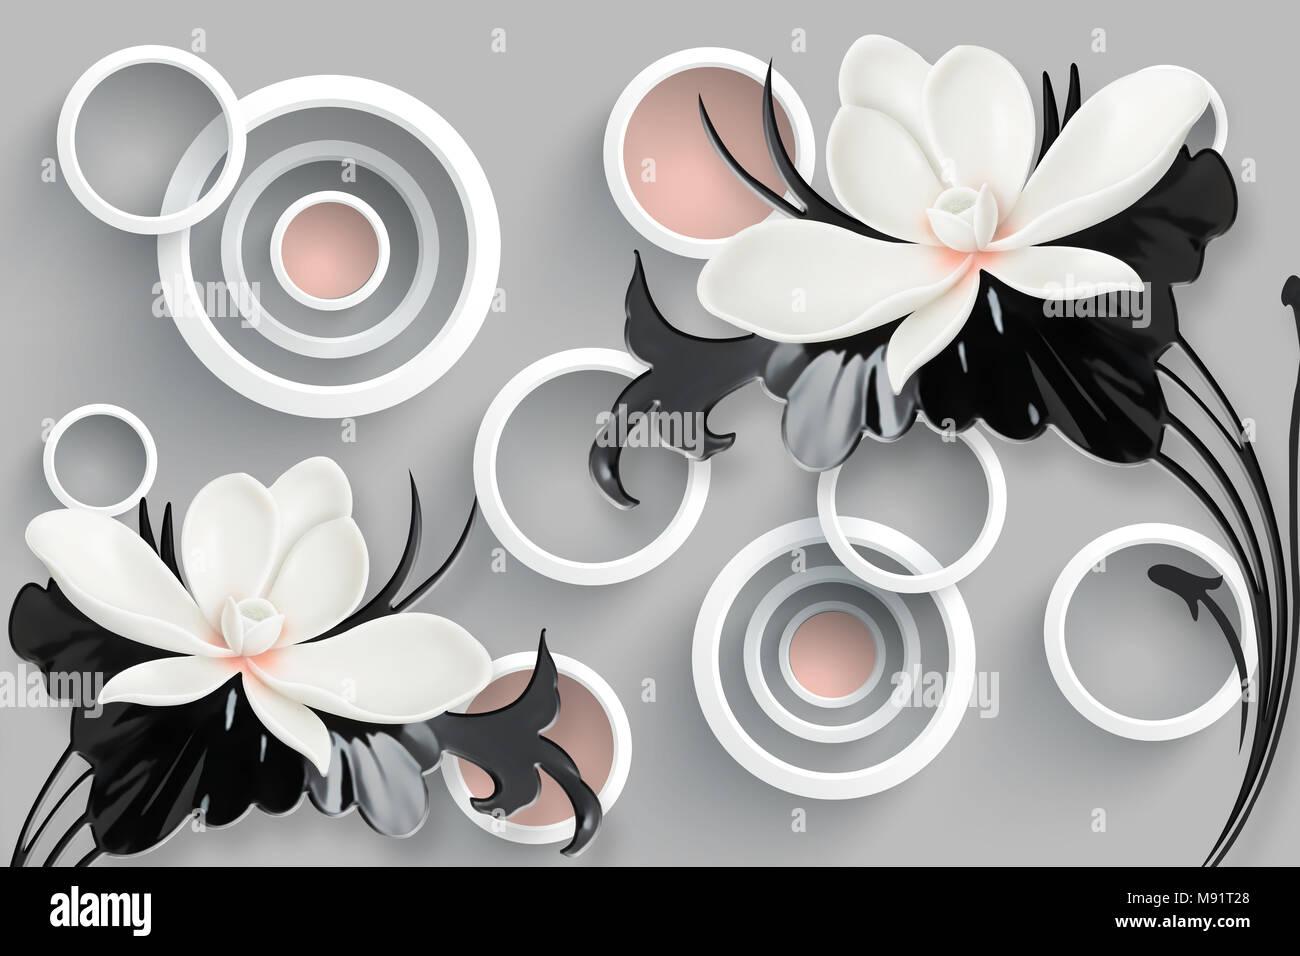 white flower 3d background wallpaper for walls M91T28